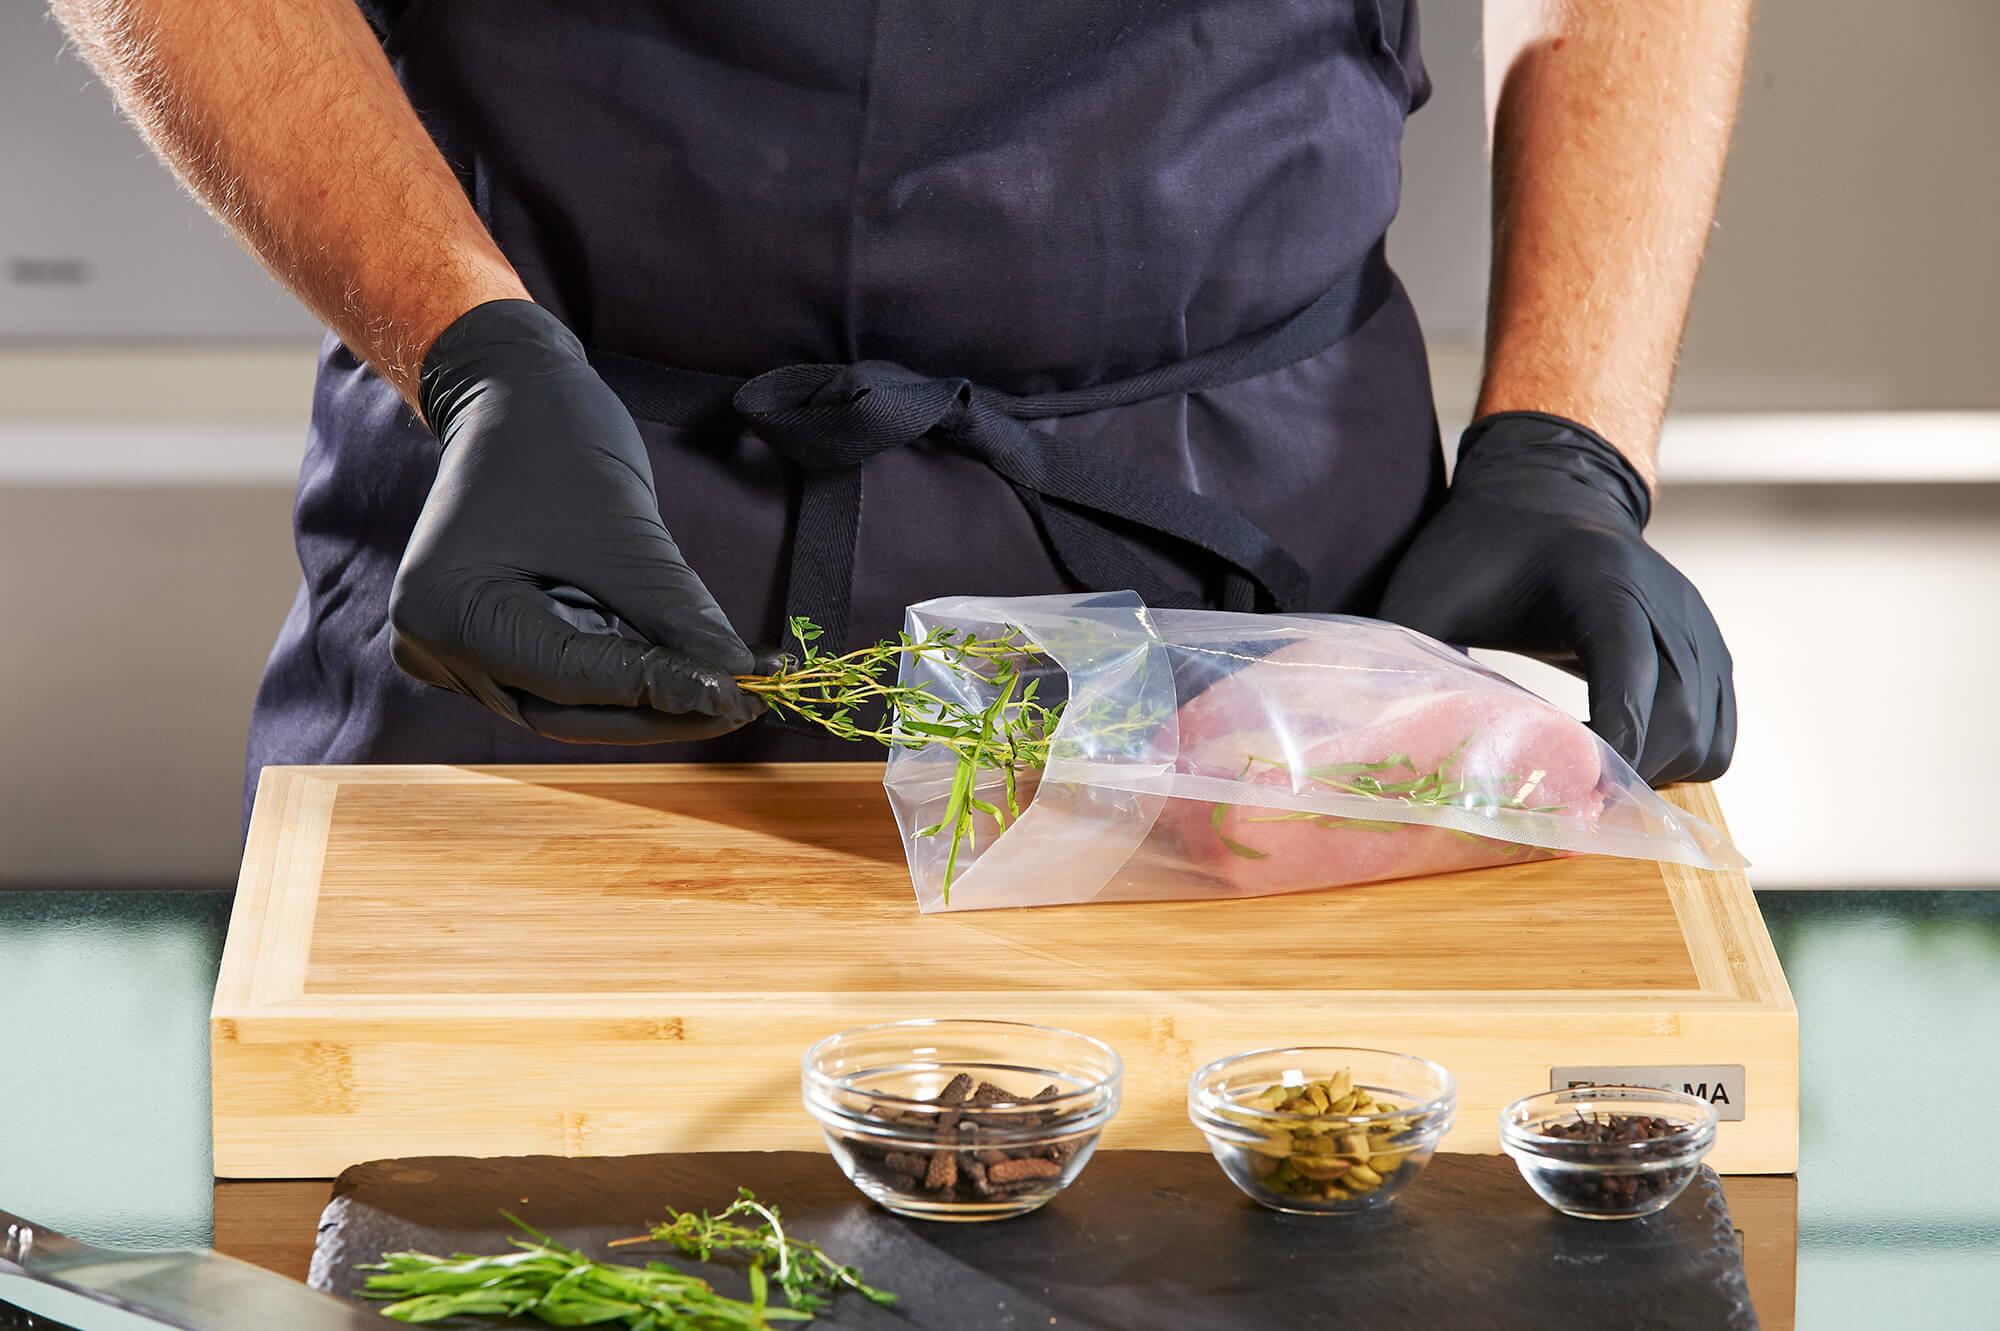 Beutel mit Fleisch auf Holzplatte